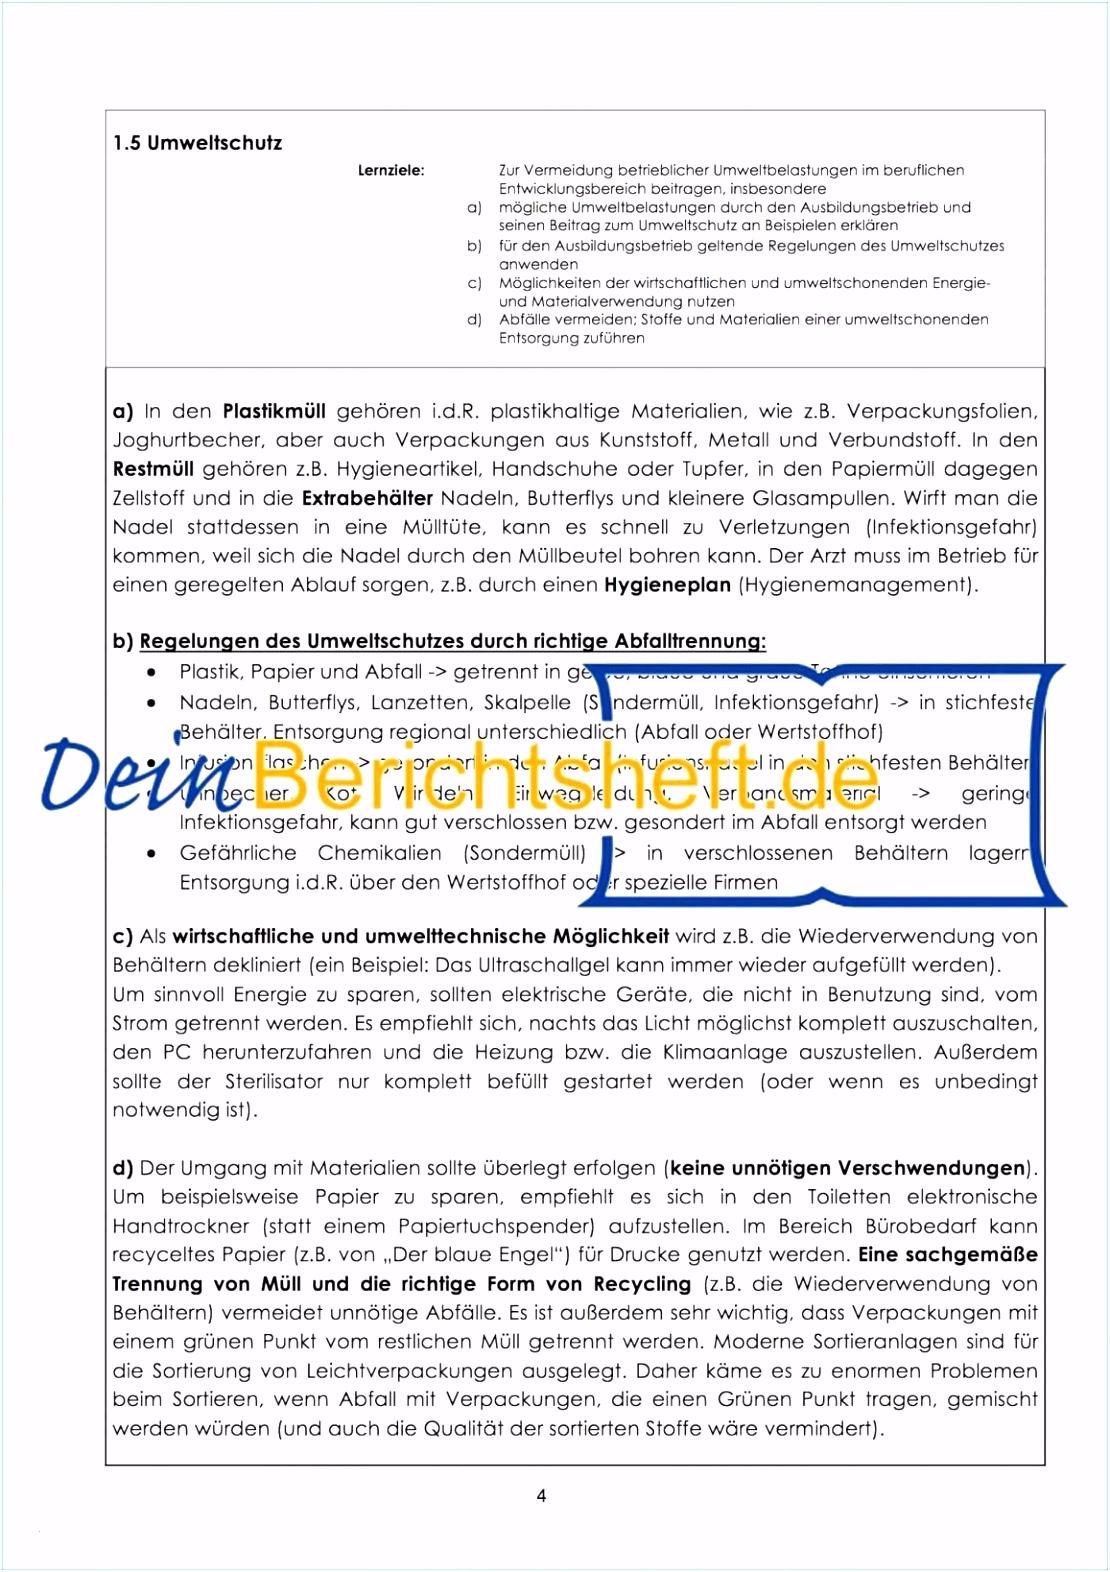 Deckblatt Vorlage Bewerbung Und Lebenslauf Einfach Besuchsbericht Vorlage Word I8ce830sw3 Hmtg4vueas